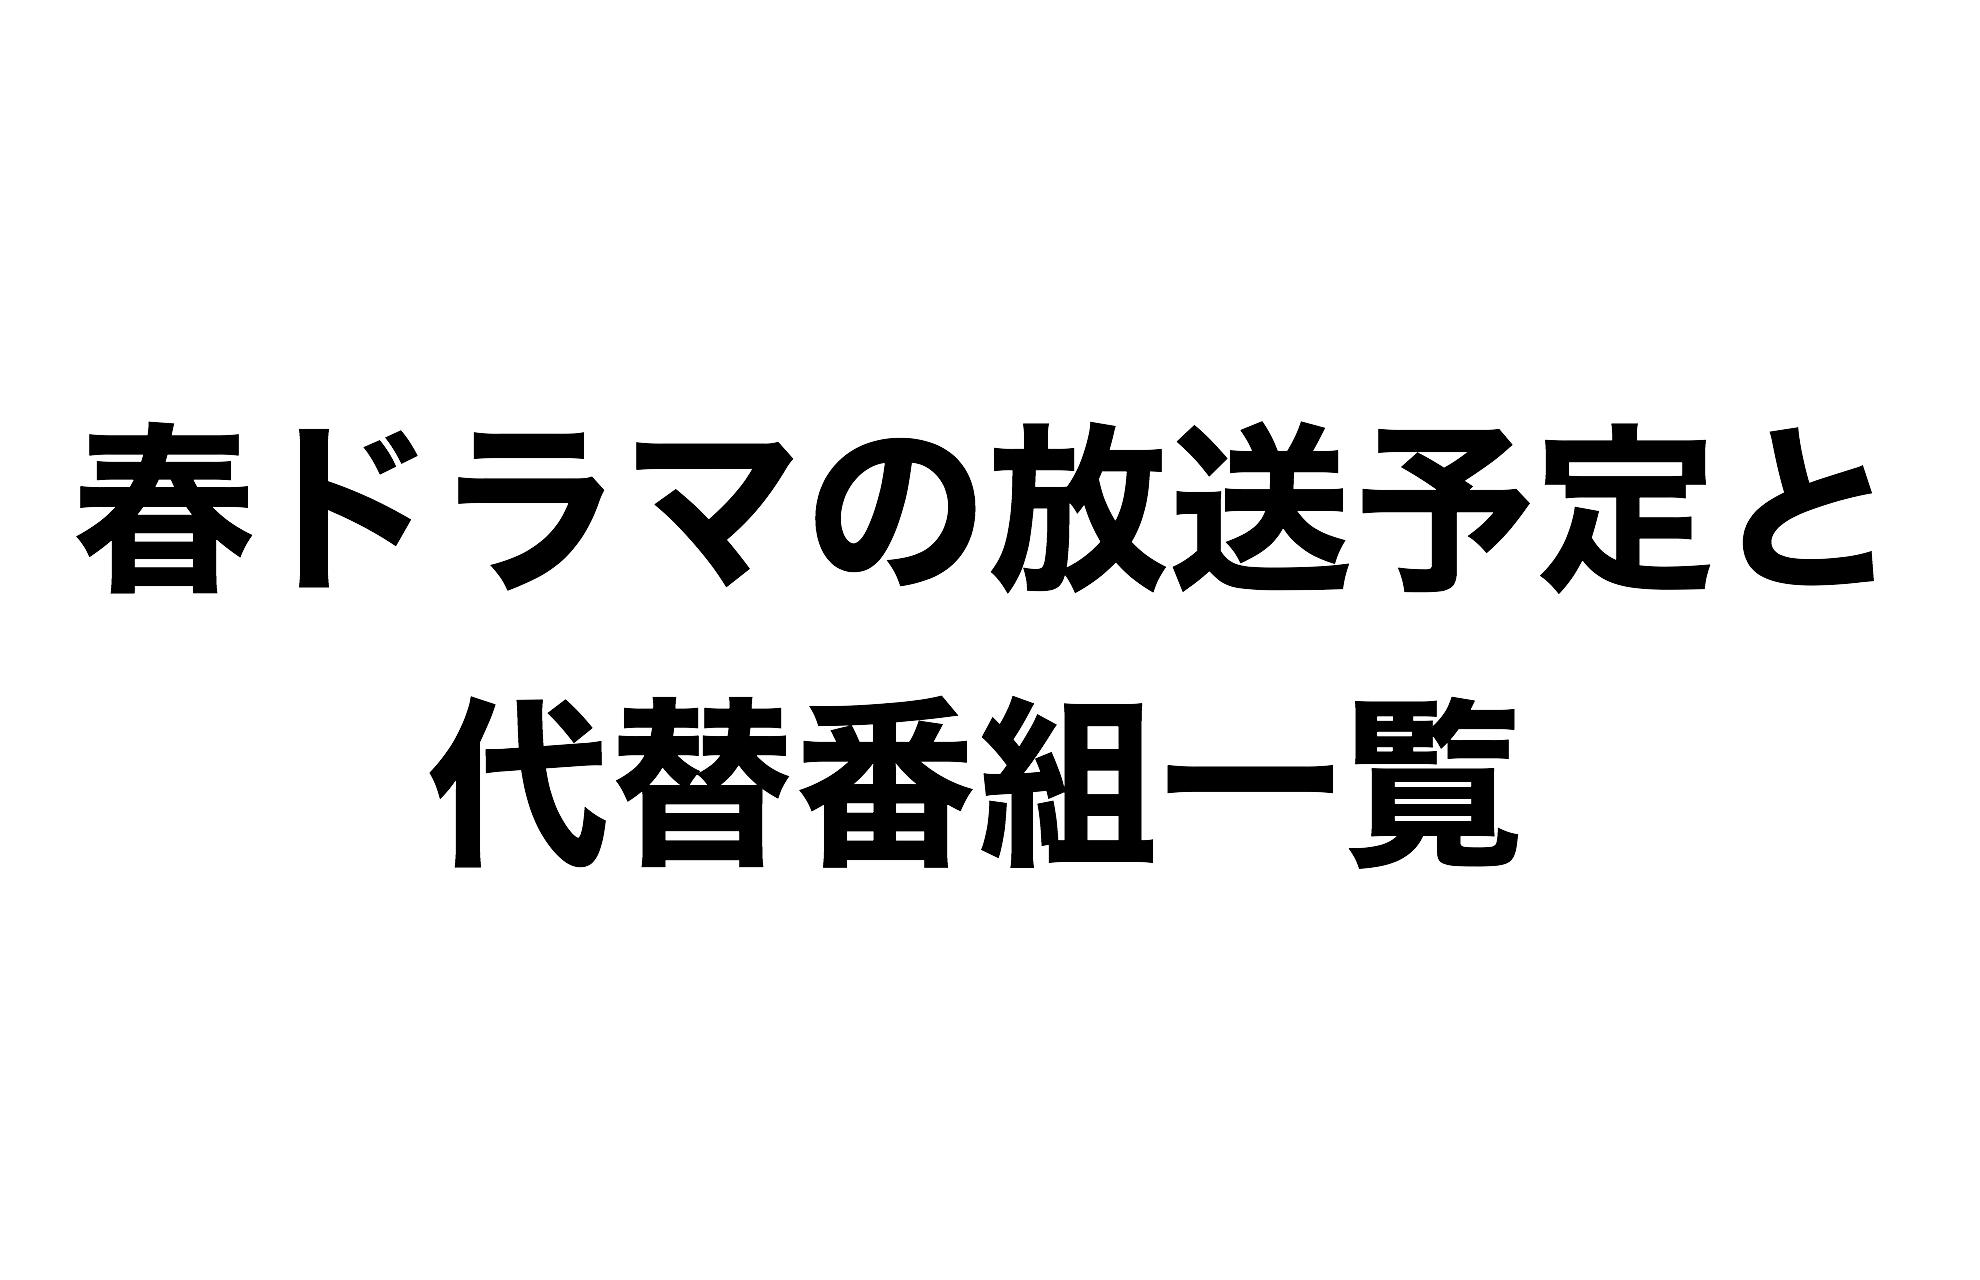 2020年春ドラマ放送予定&代替番組一覧